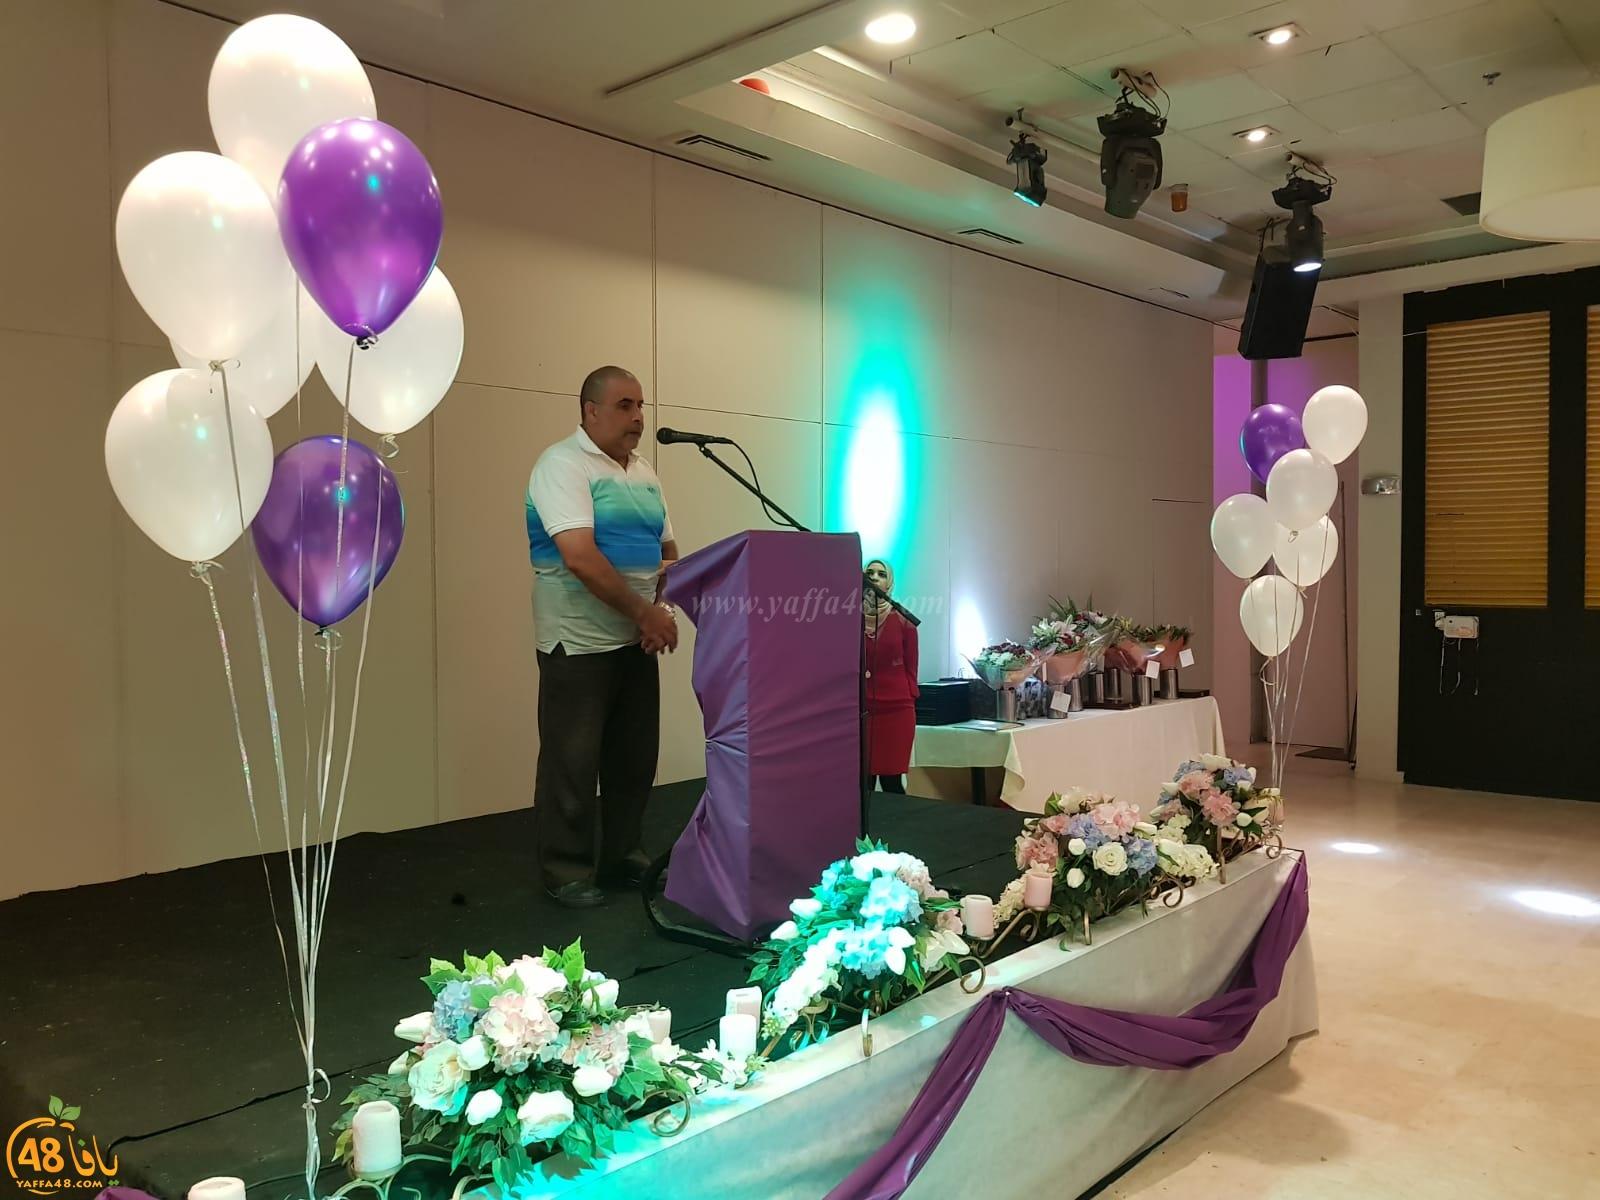 بالصور: المدرسة التكنولوجية بيافا تحتفل بتخريج فوج جديد من طلابها